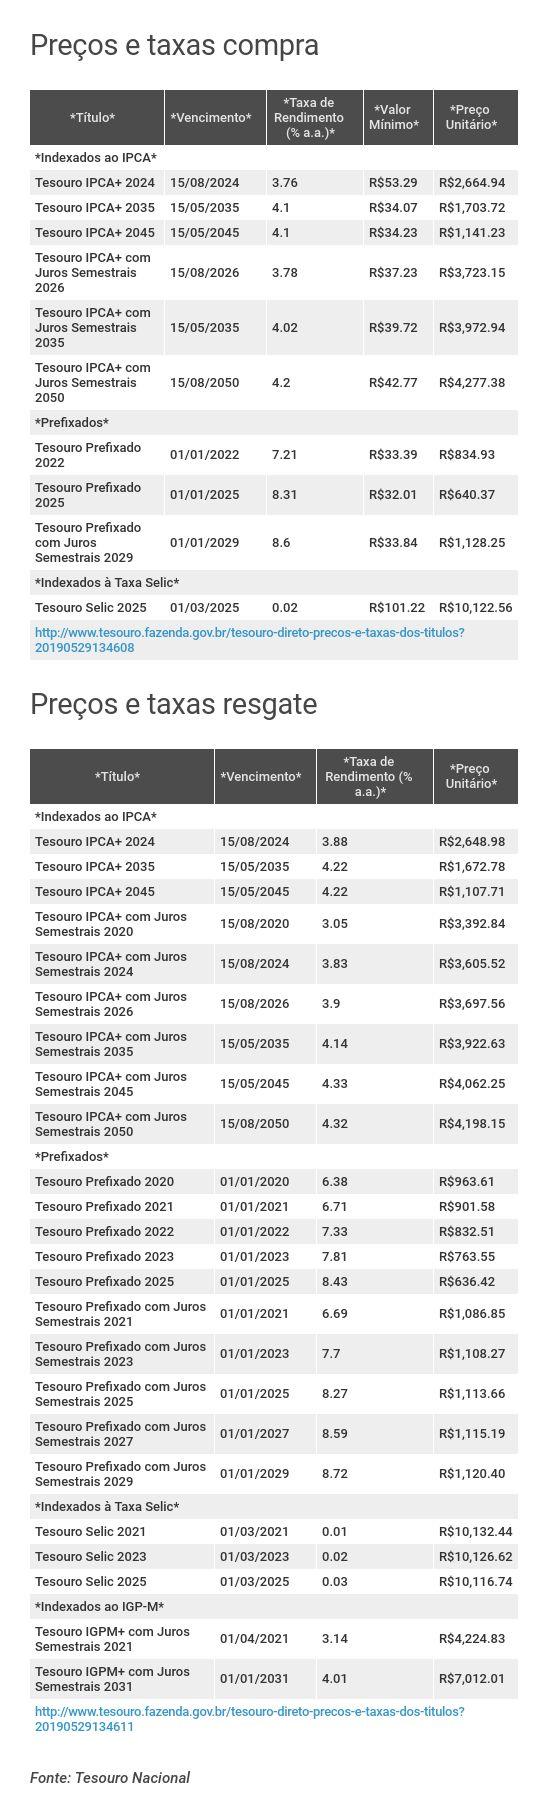 Preços e taxas do Tesouro Direto em 29 de maio de 2019